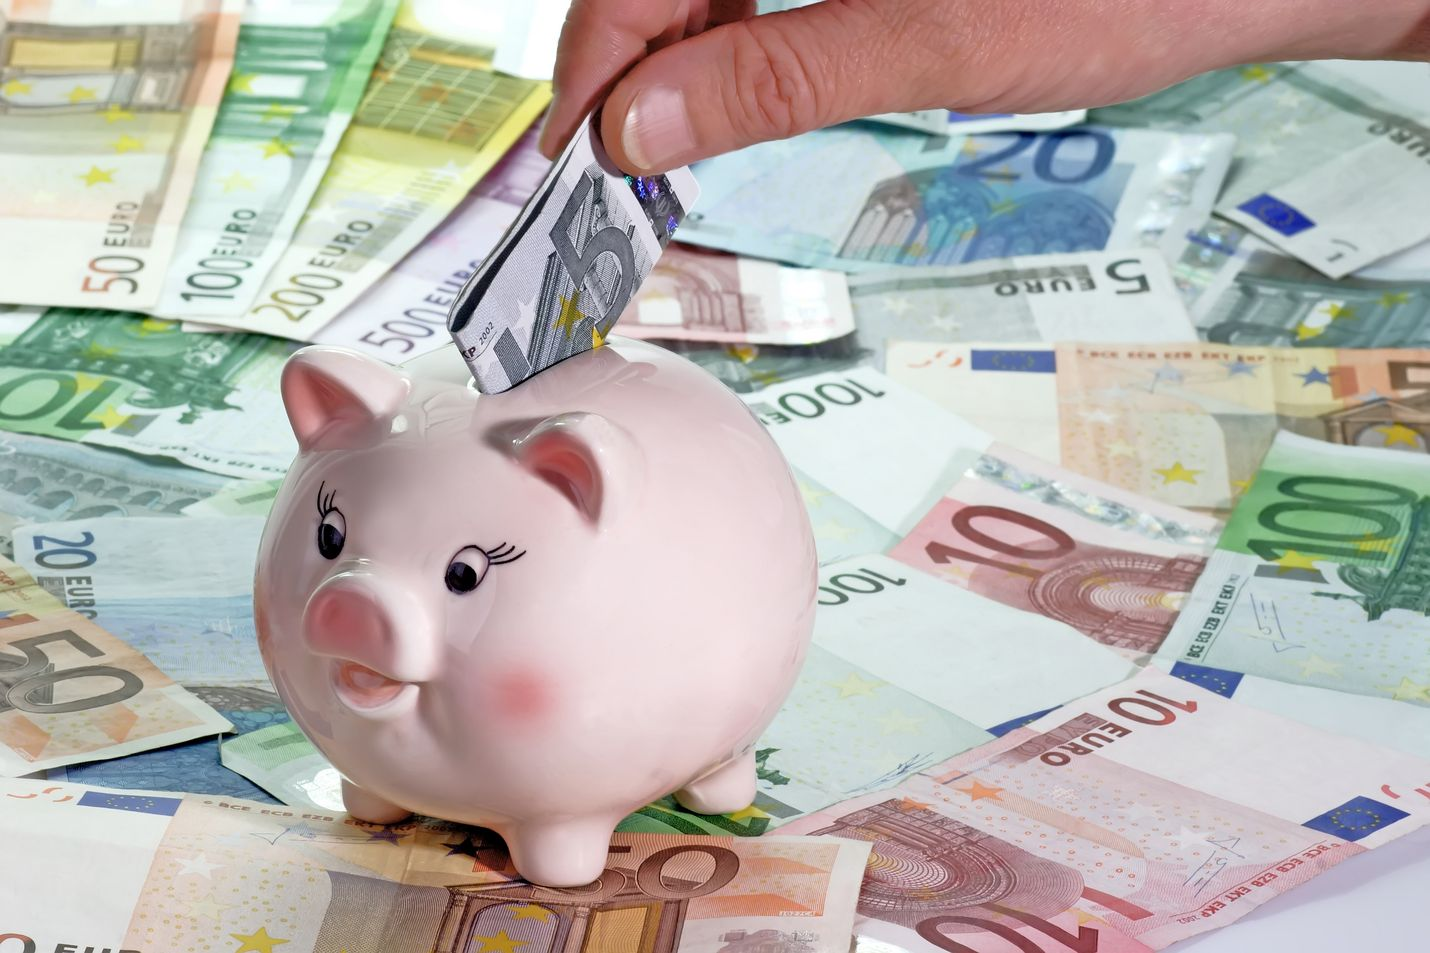 Ensimmäinen askel sijoittamisessa on rahan säästäminen. Säästöpossuun ei kuitenkaan kannata säilöä suuria määriä käteistä, sillä ajan myötä sen arvo pienenee.